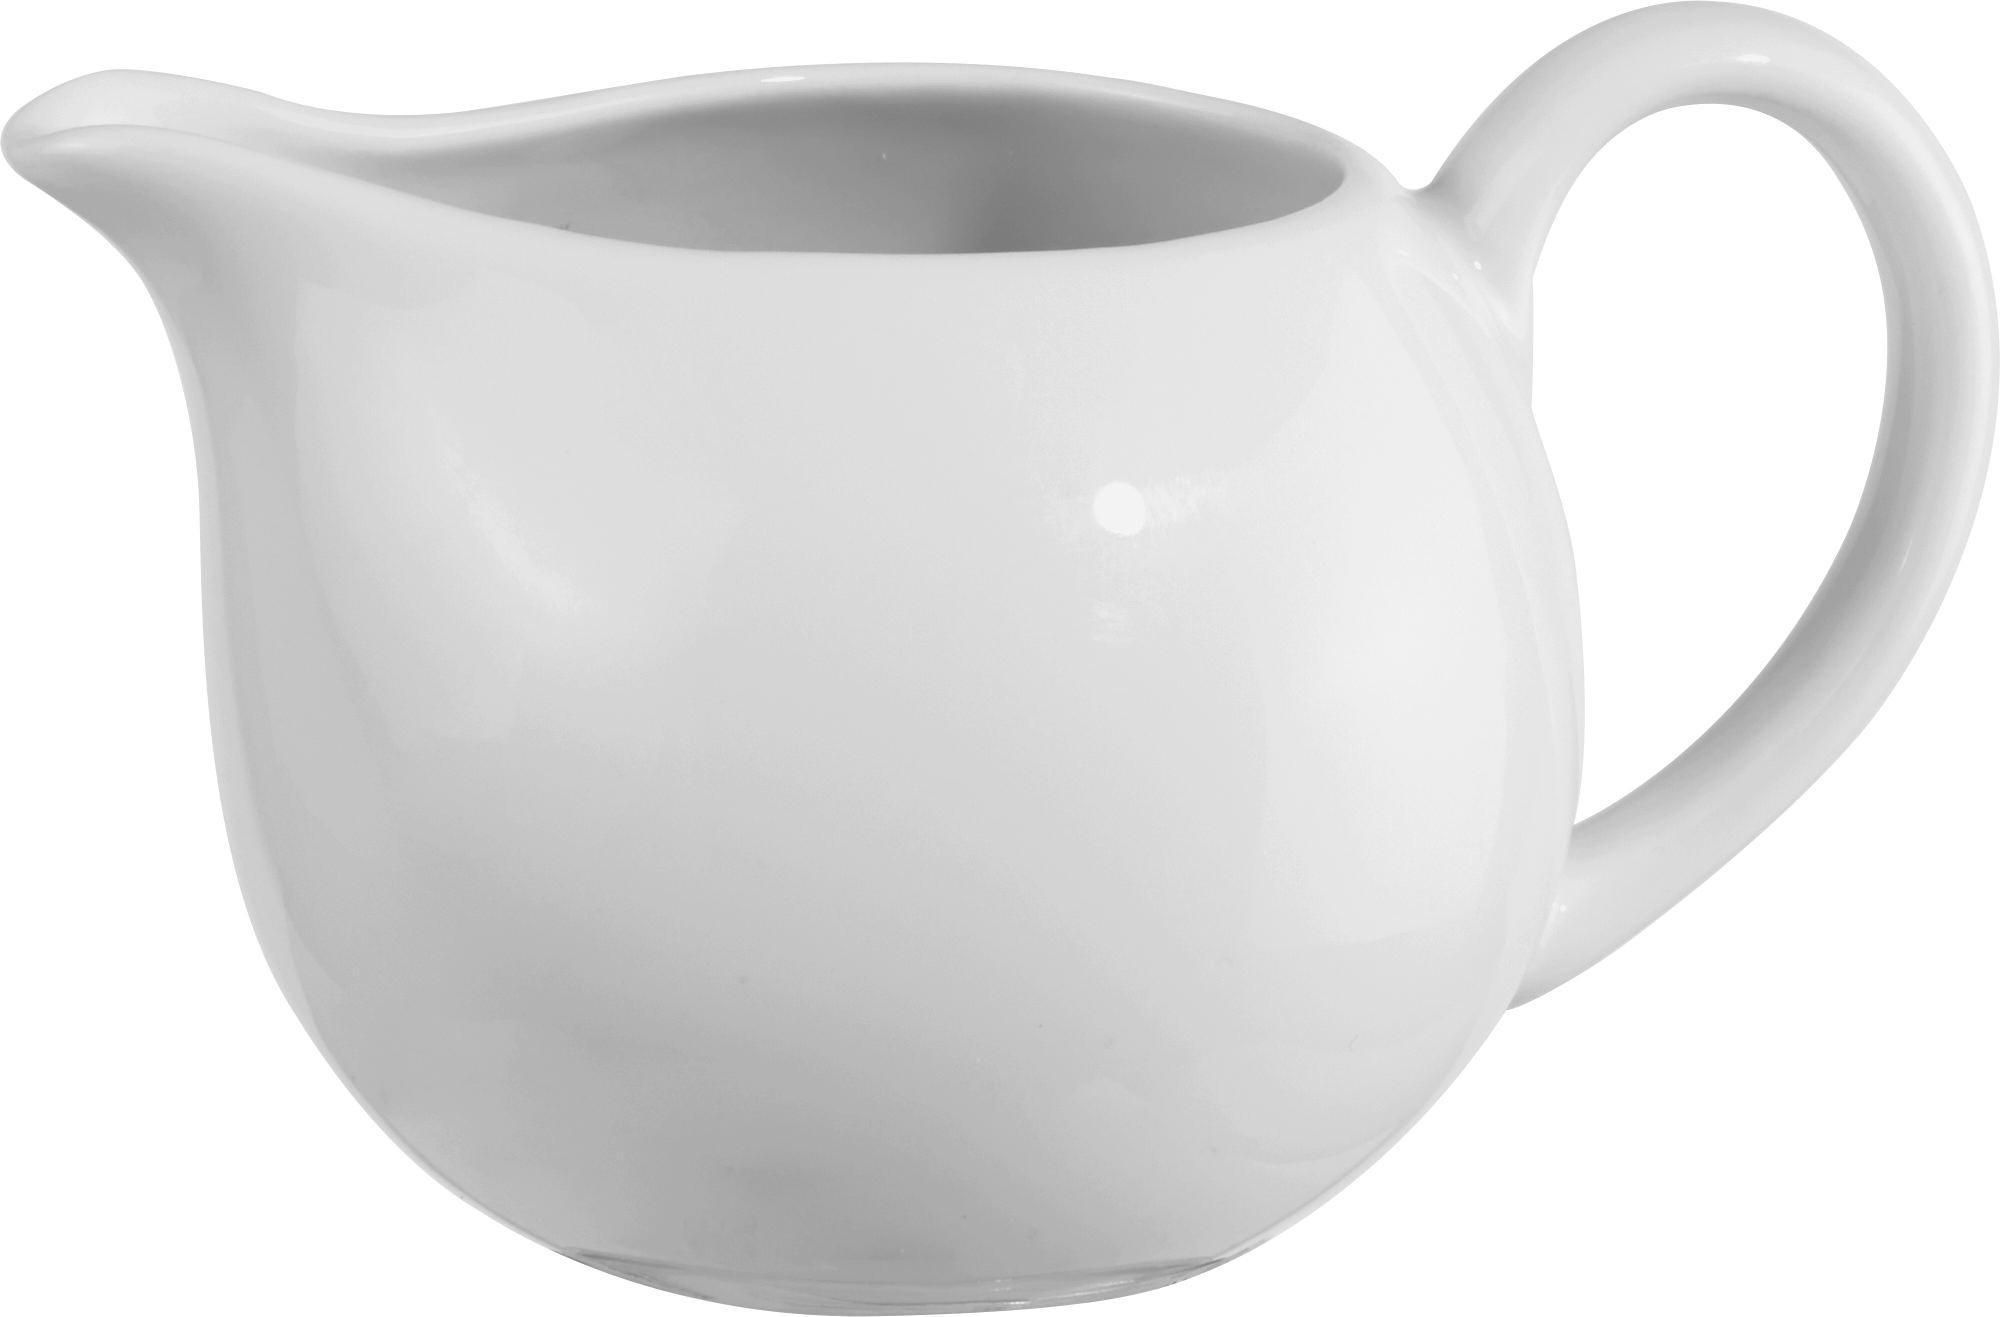 Tejeskancsó Felicia - fehér, konvencionális, kerámia (26cm) - OMBRA